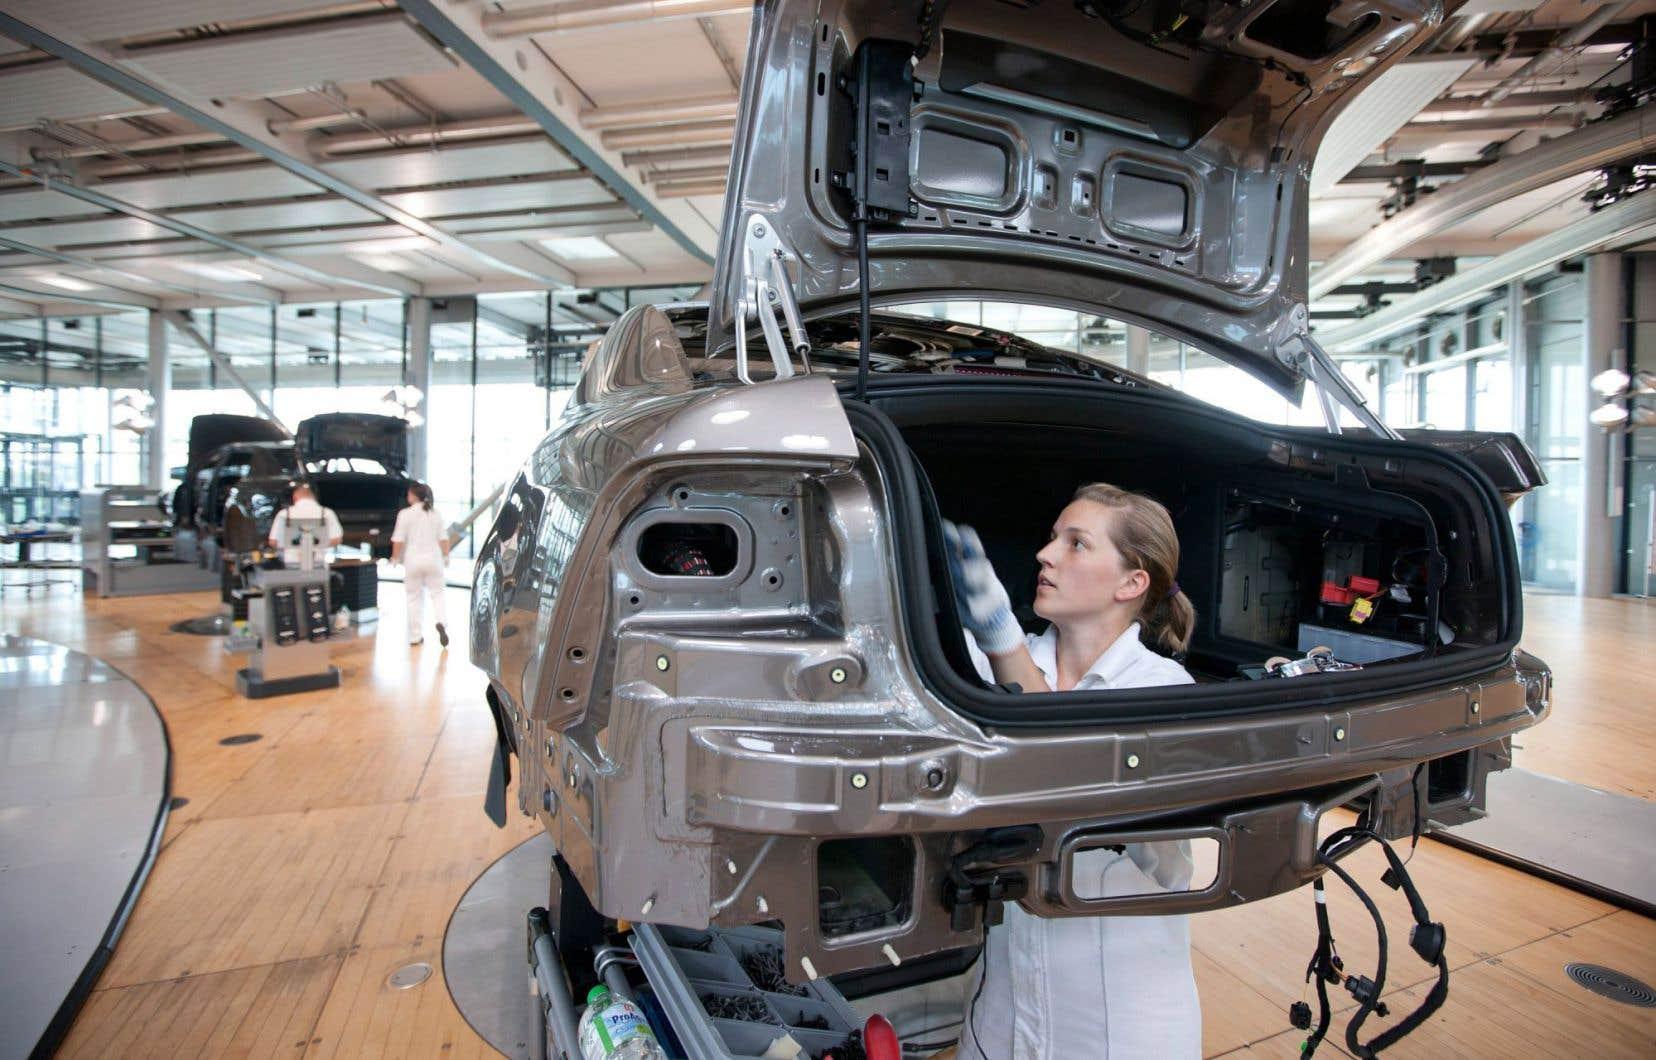 Le constructeur allemand Volkswagen a été ébranlé fin 2015 par le scandale des moteurs diesel truqués.